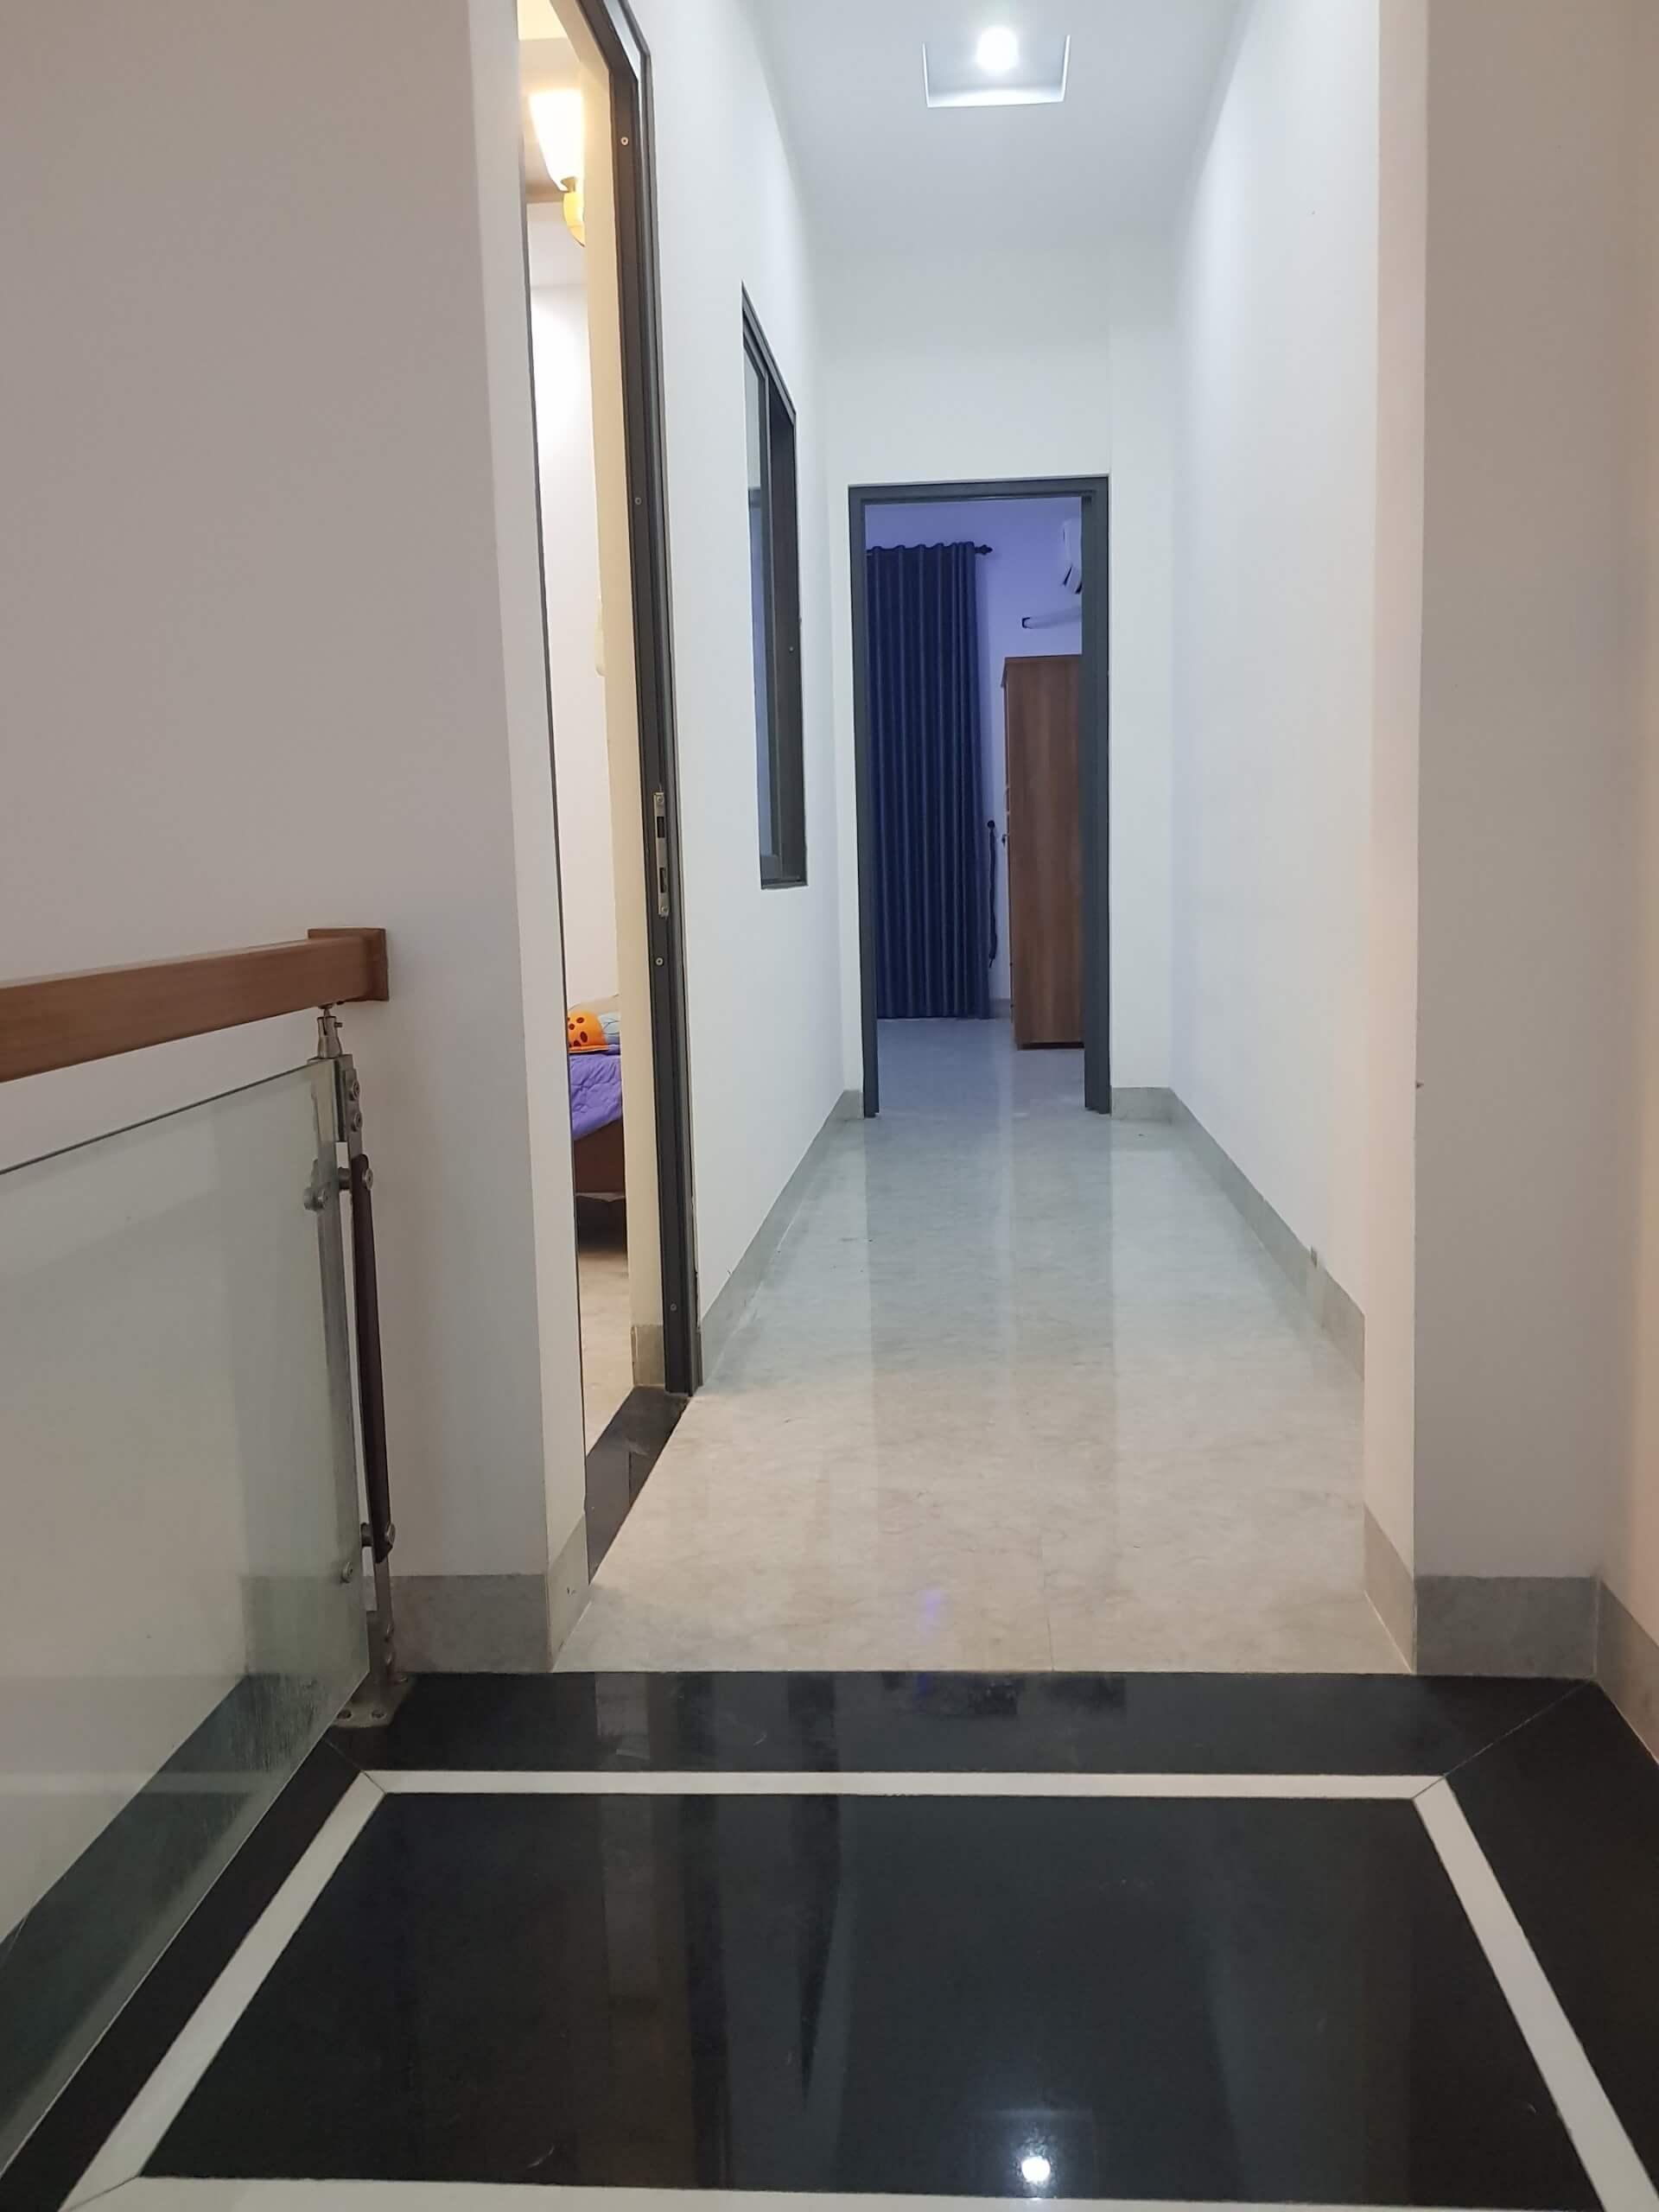 hành lang nhà đường Đoàn Khuê - Ngũ Hành Sơn - Đà Nẵng